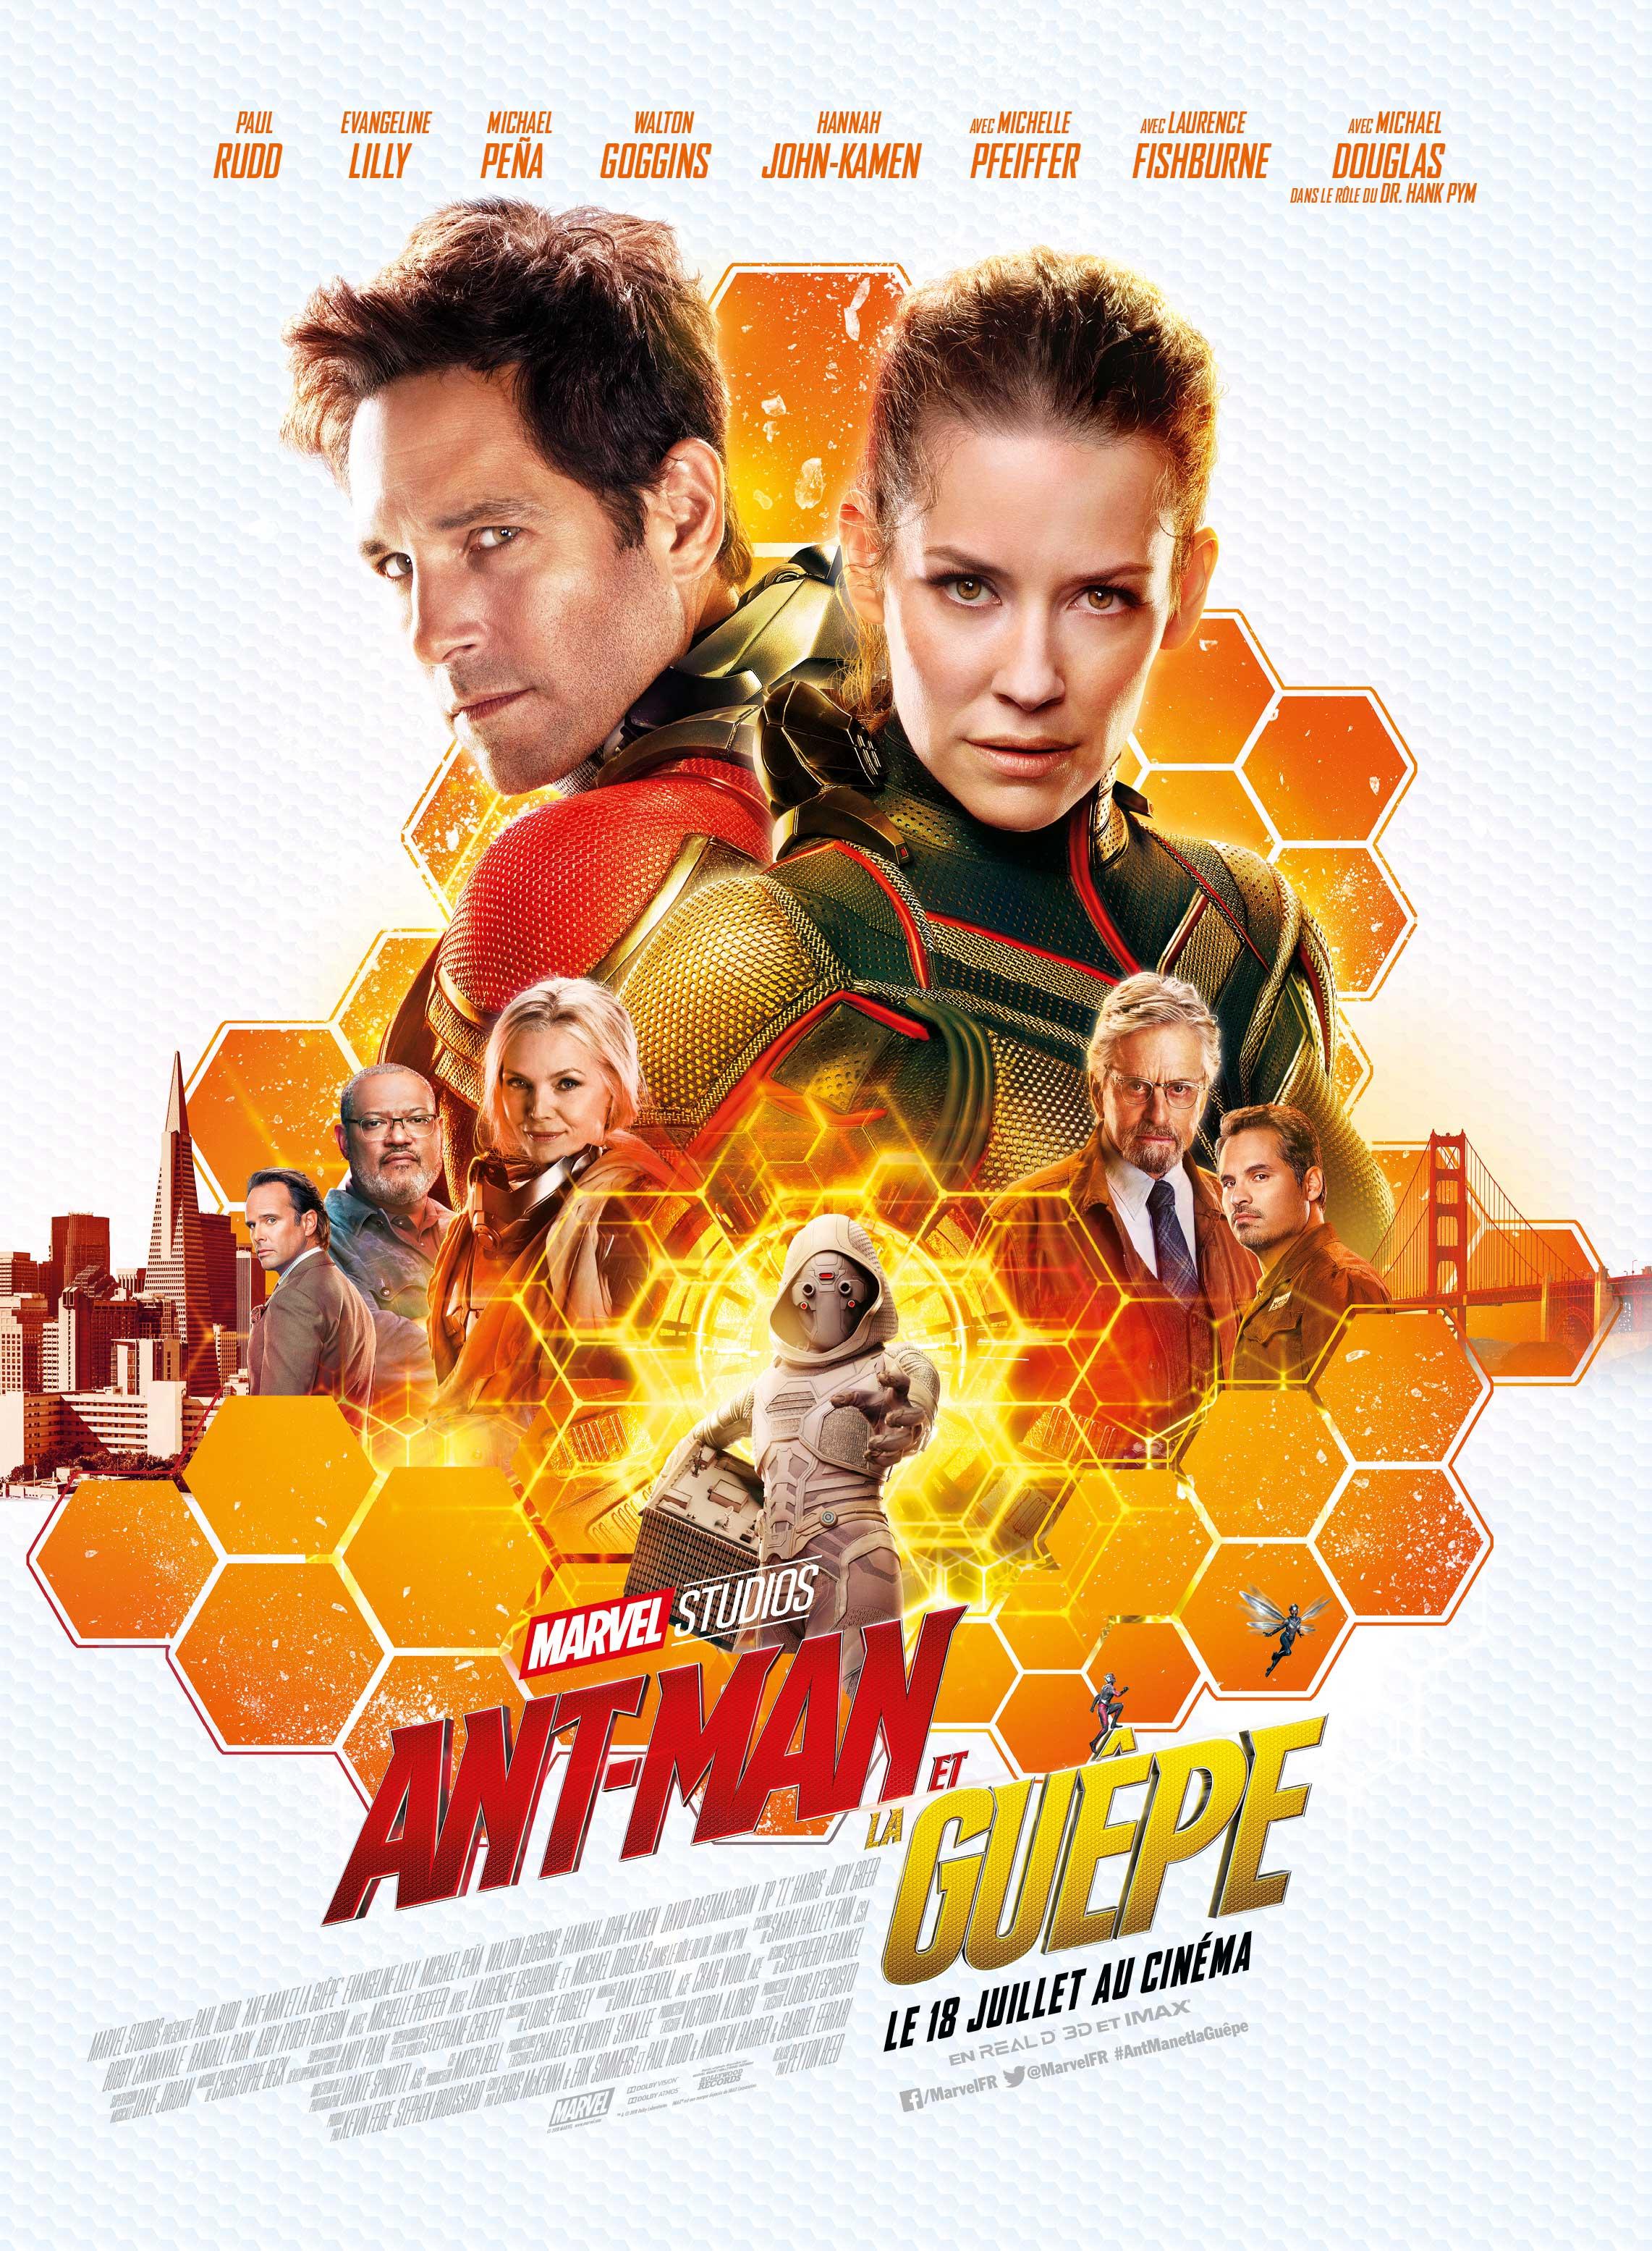 ant-man et la guepe : la critique